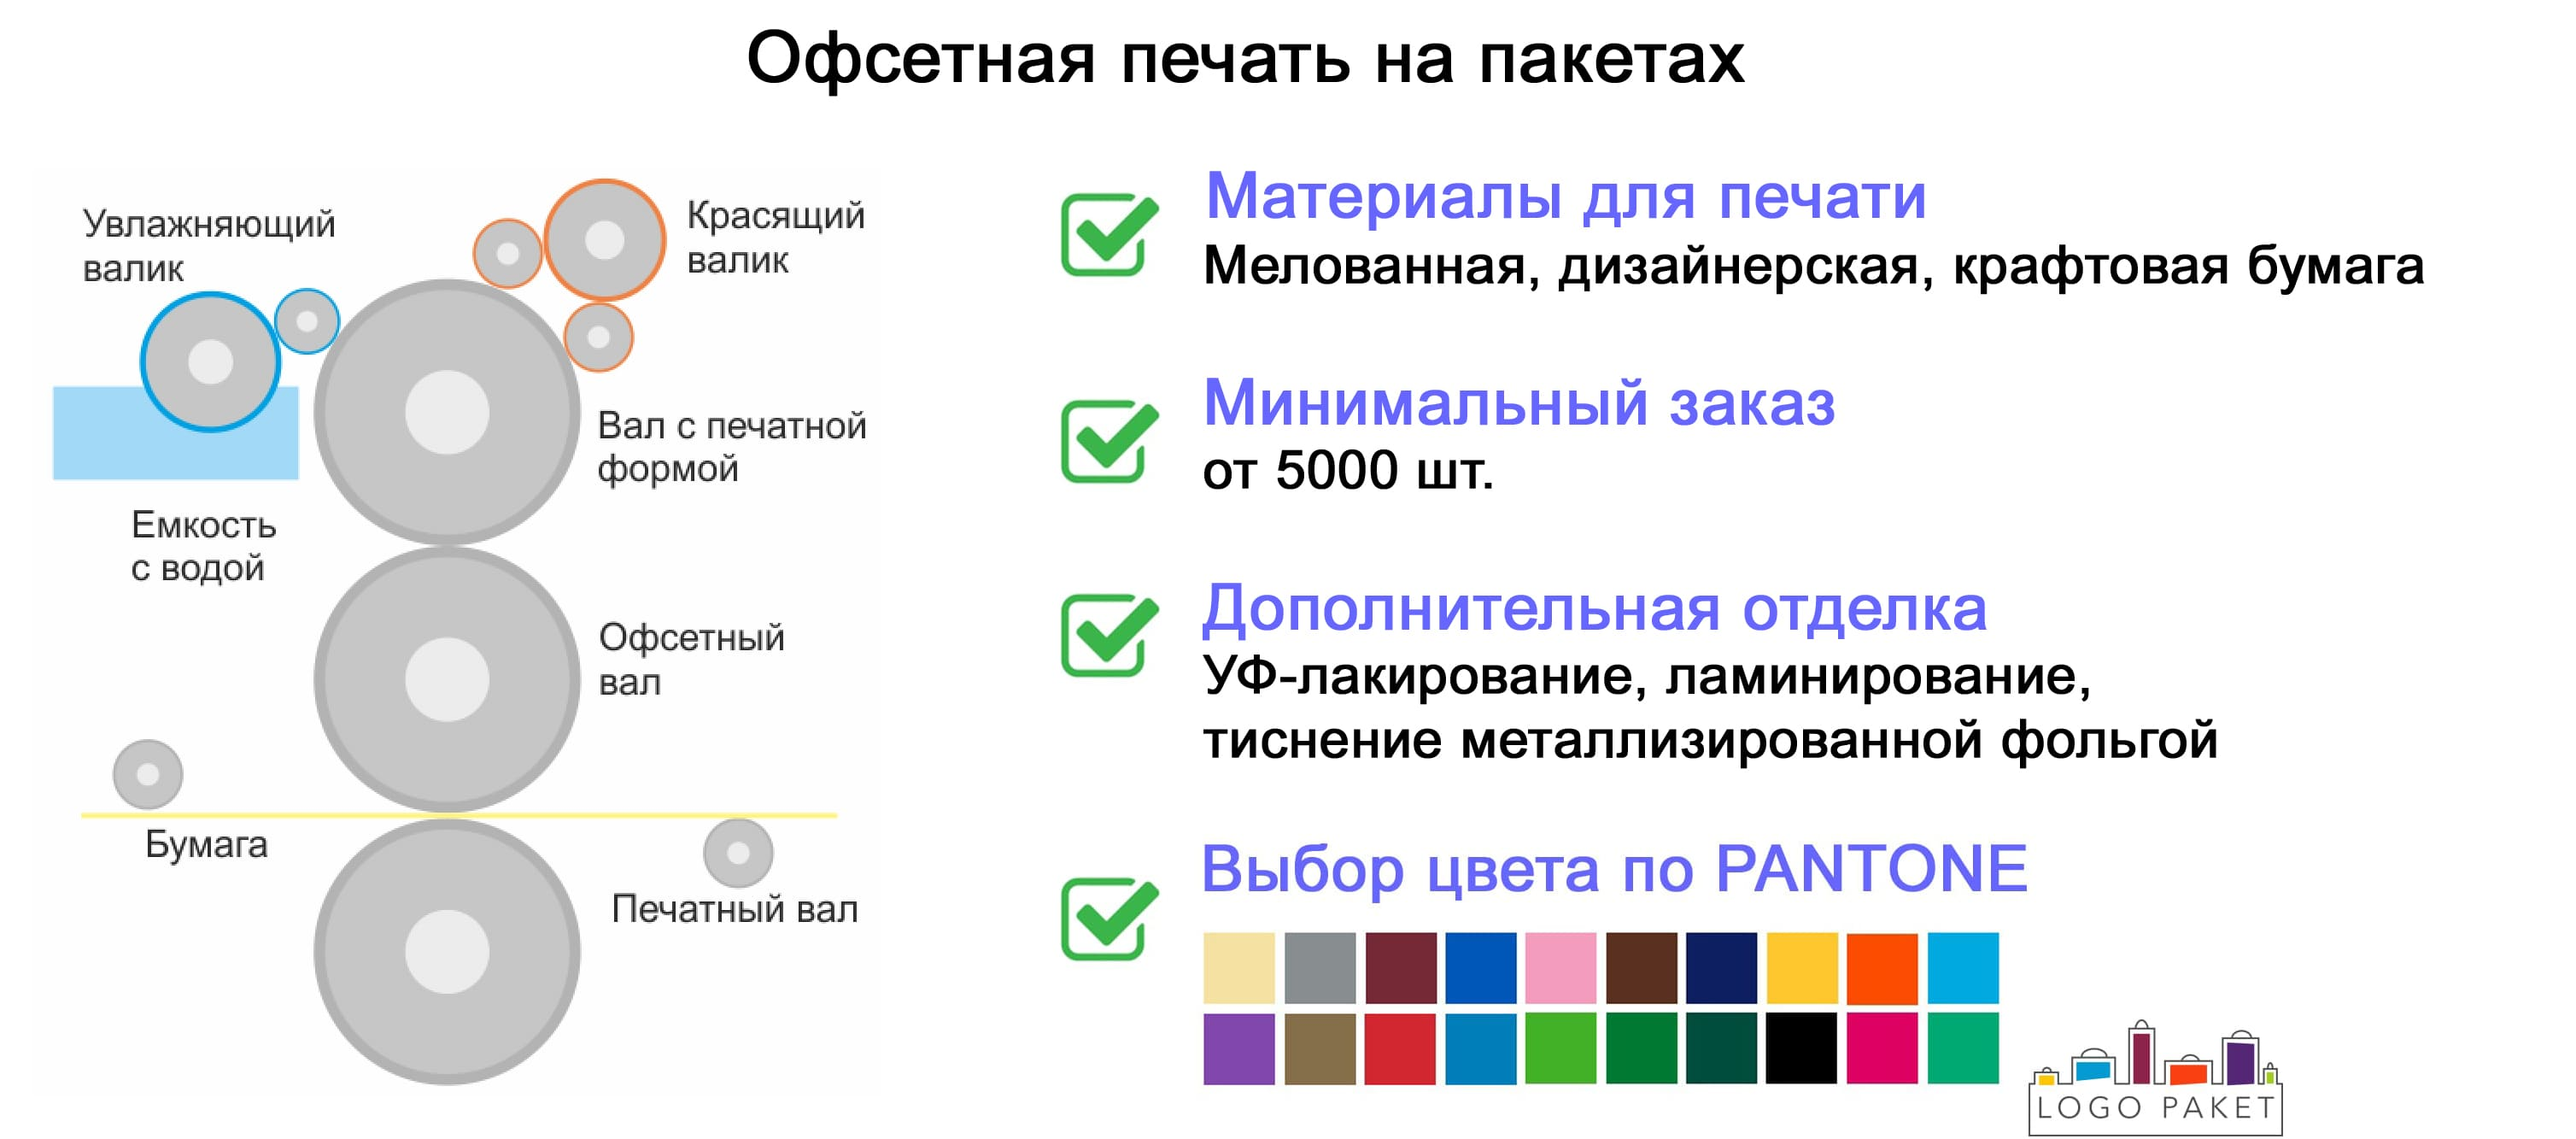 Офсетная печать инфографика